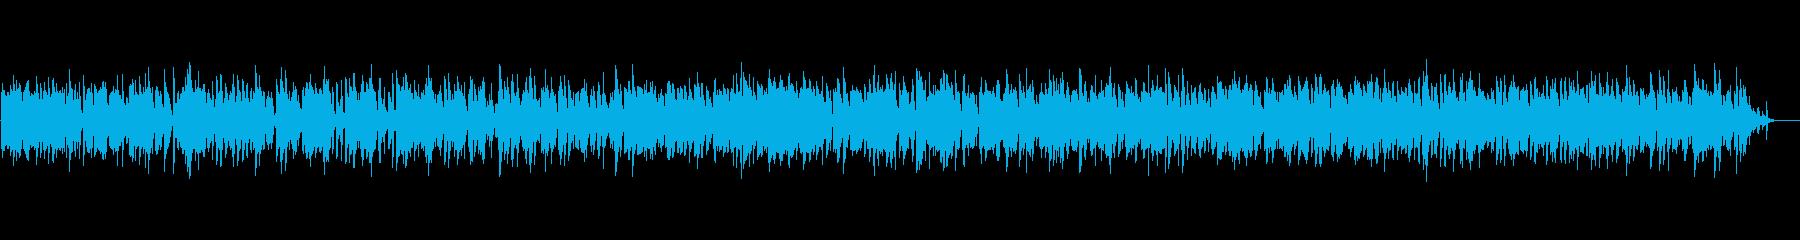 大人なバーに似合うジャズの再生済みの波形